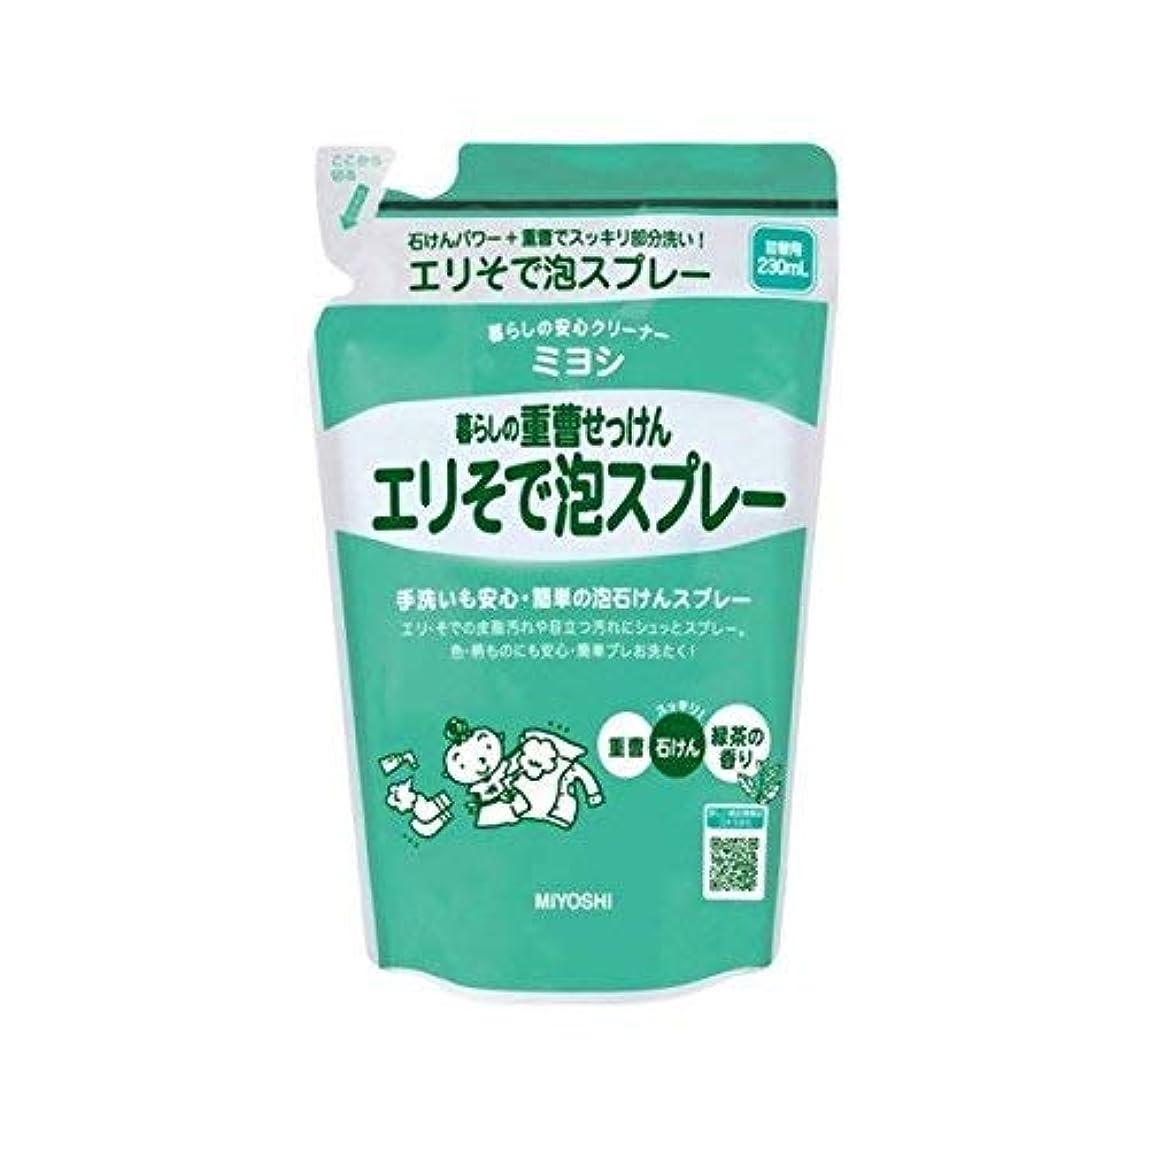 【まとめ買い】ミヨシ石鹸 暮らしの重曹せっけん エリそで泡スプレー 詰替 230mL ミヨシ石鹸 ×6個